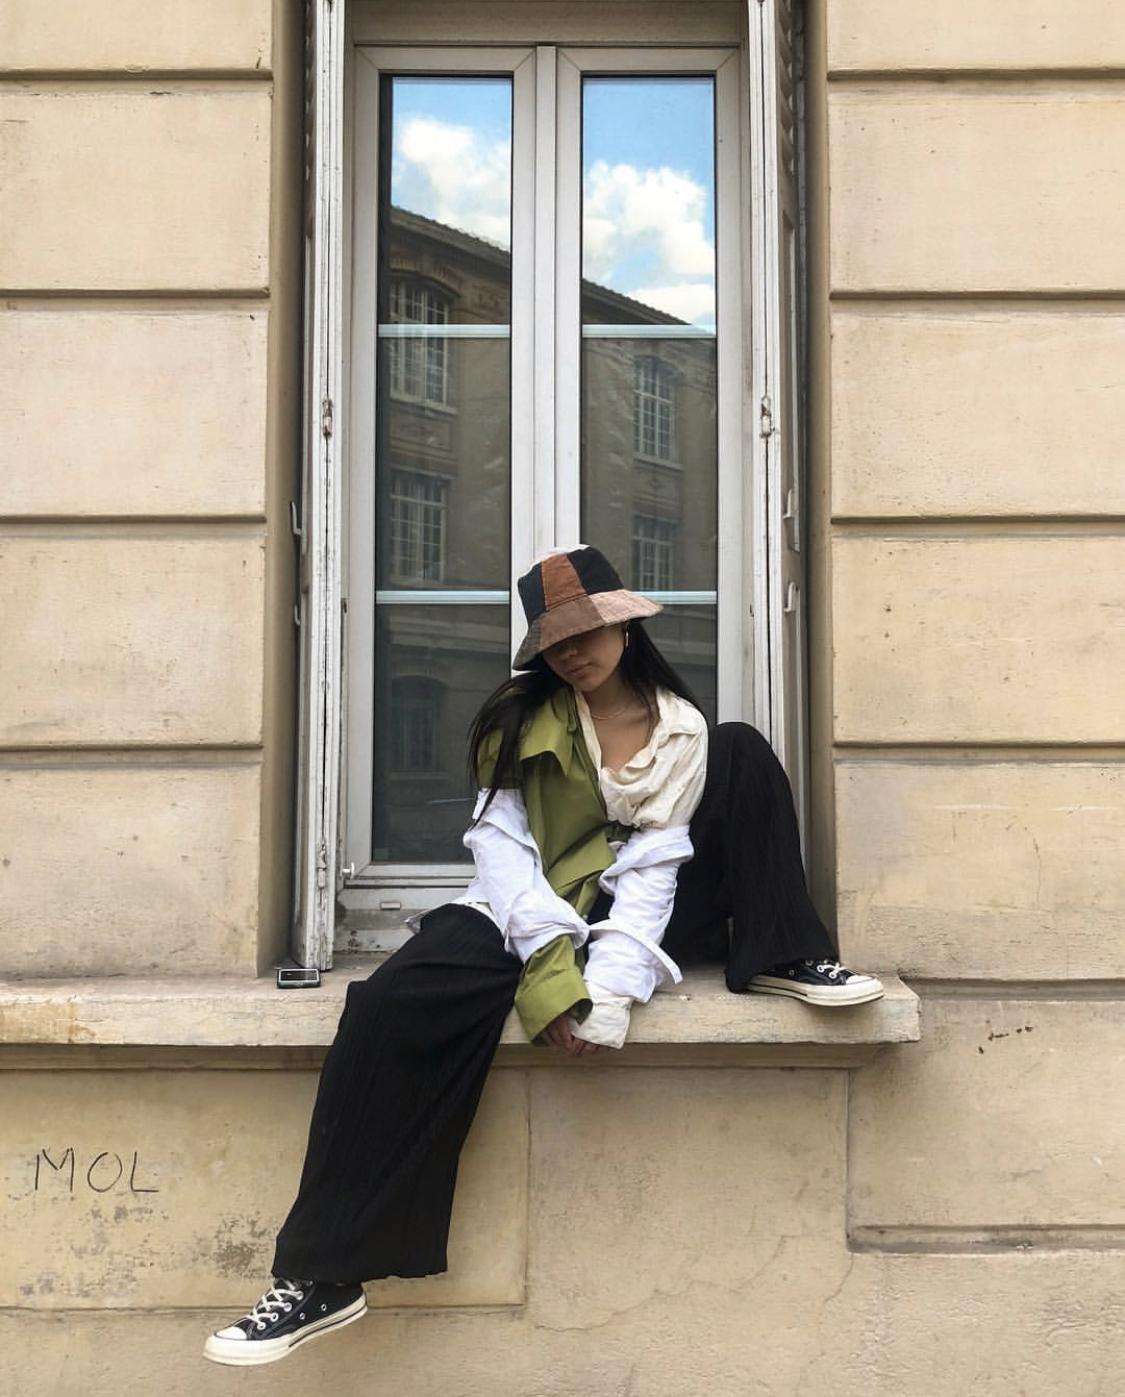 Nordic-Streetwear-Instagram-piapiepop.1.jpg